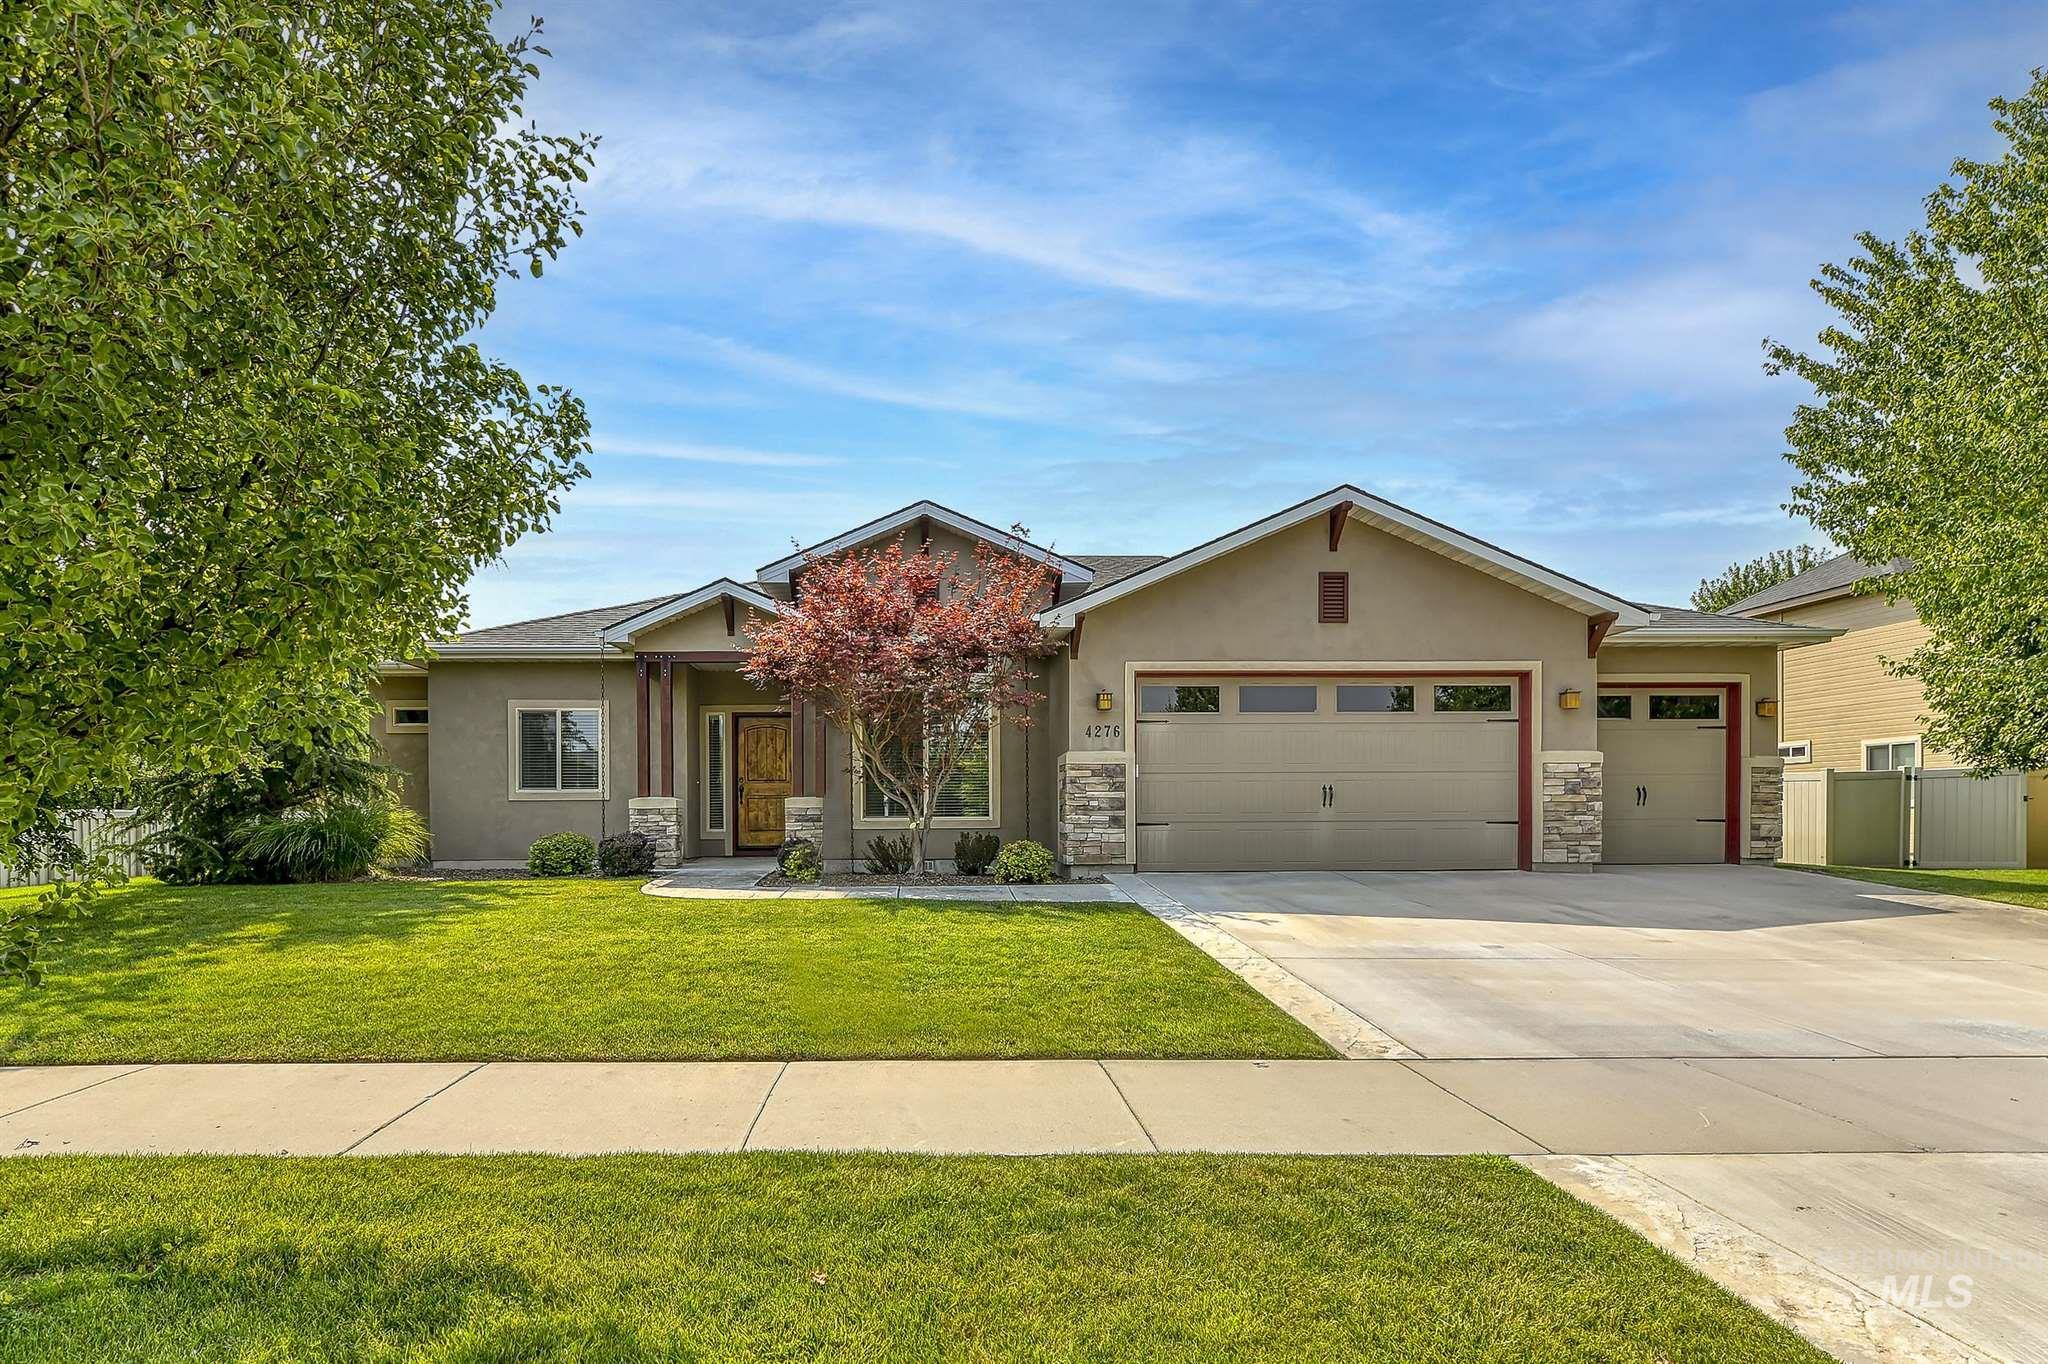 4276 N Linwood Way Property Photo